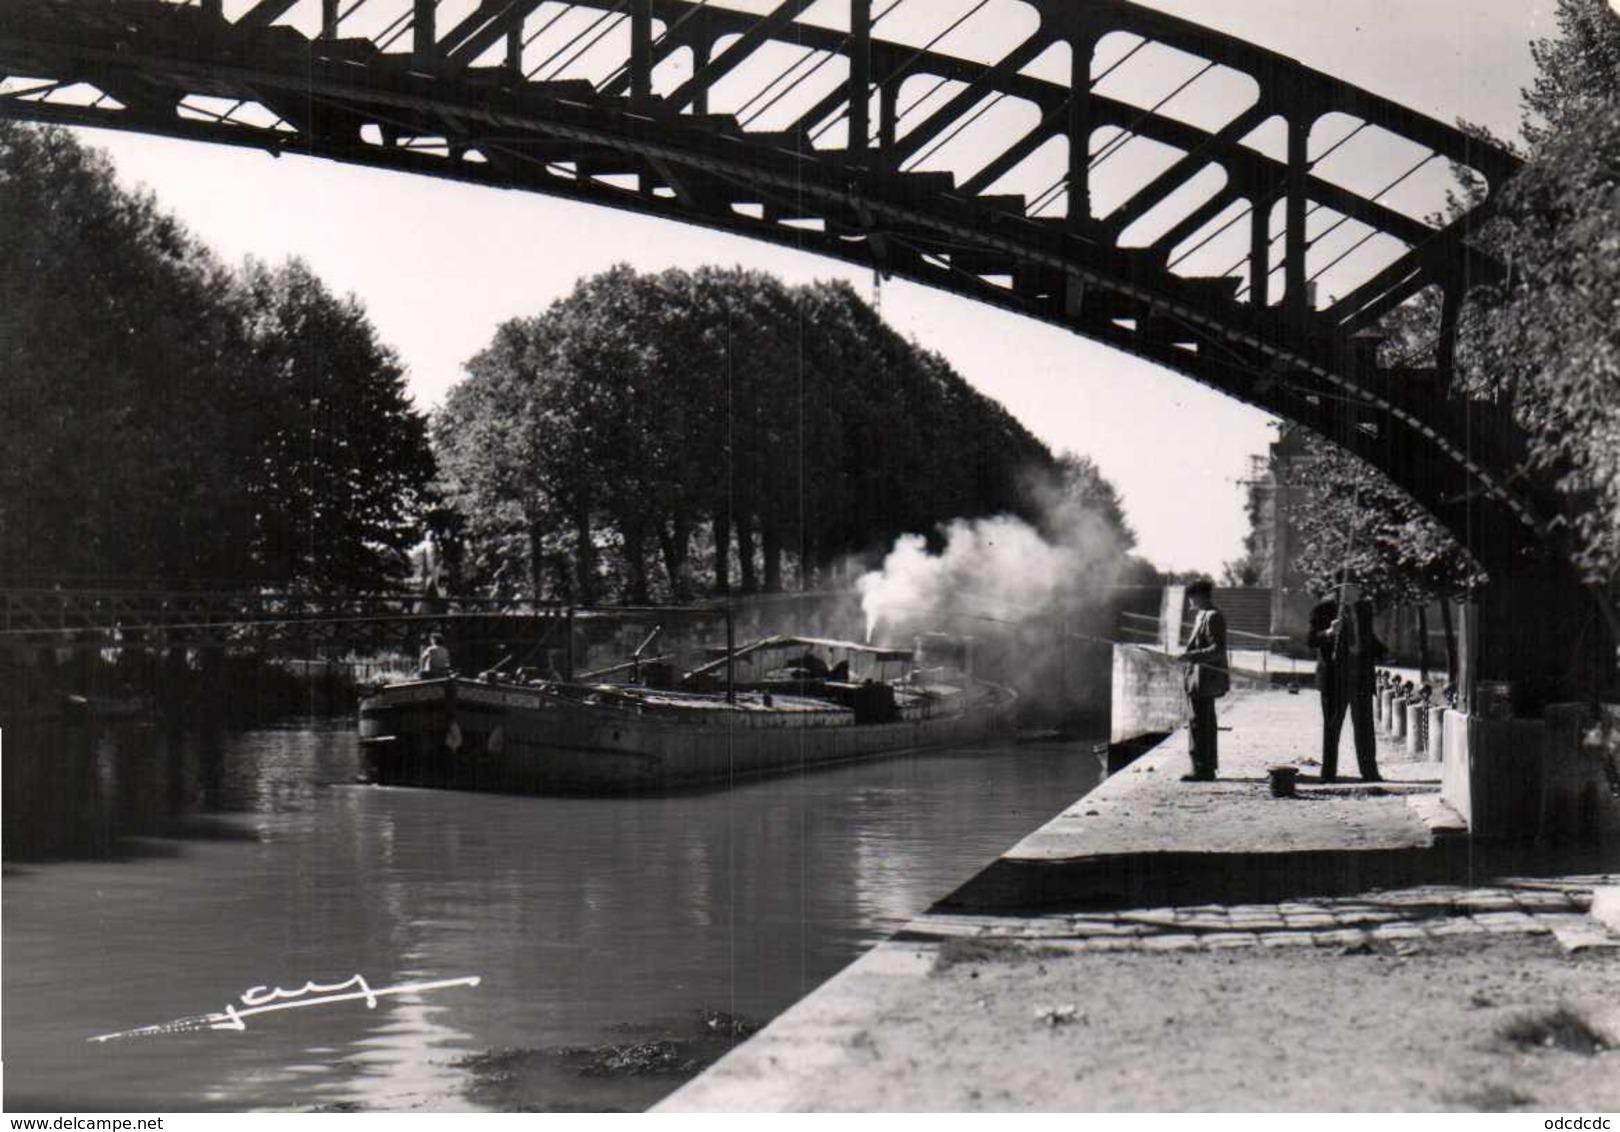 CPSM Grand Format MONTARGIS (Loiret) Les Bords Du Canal Peniche Passerelle Pecheur RV  Edition Photo J Lemosse Montargis - Montargis